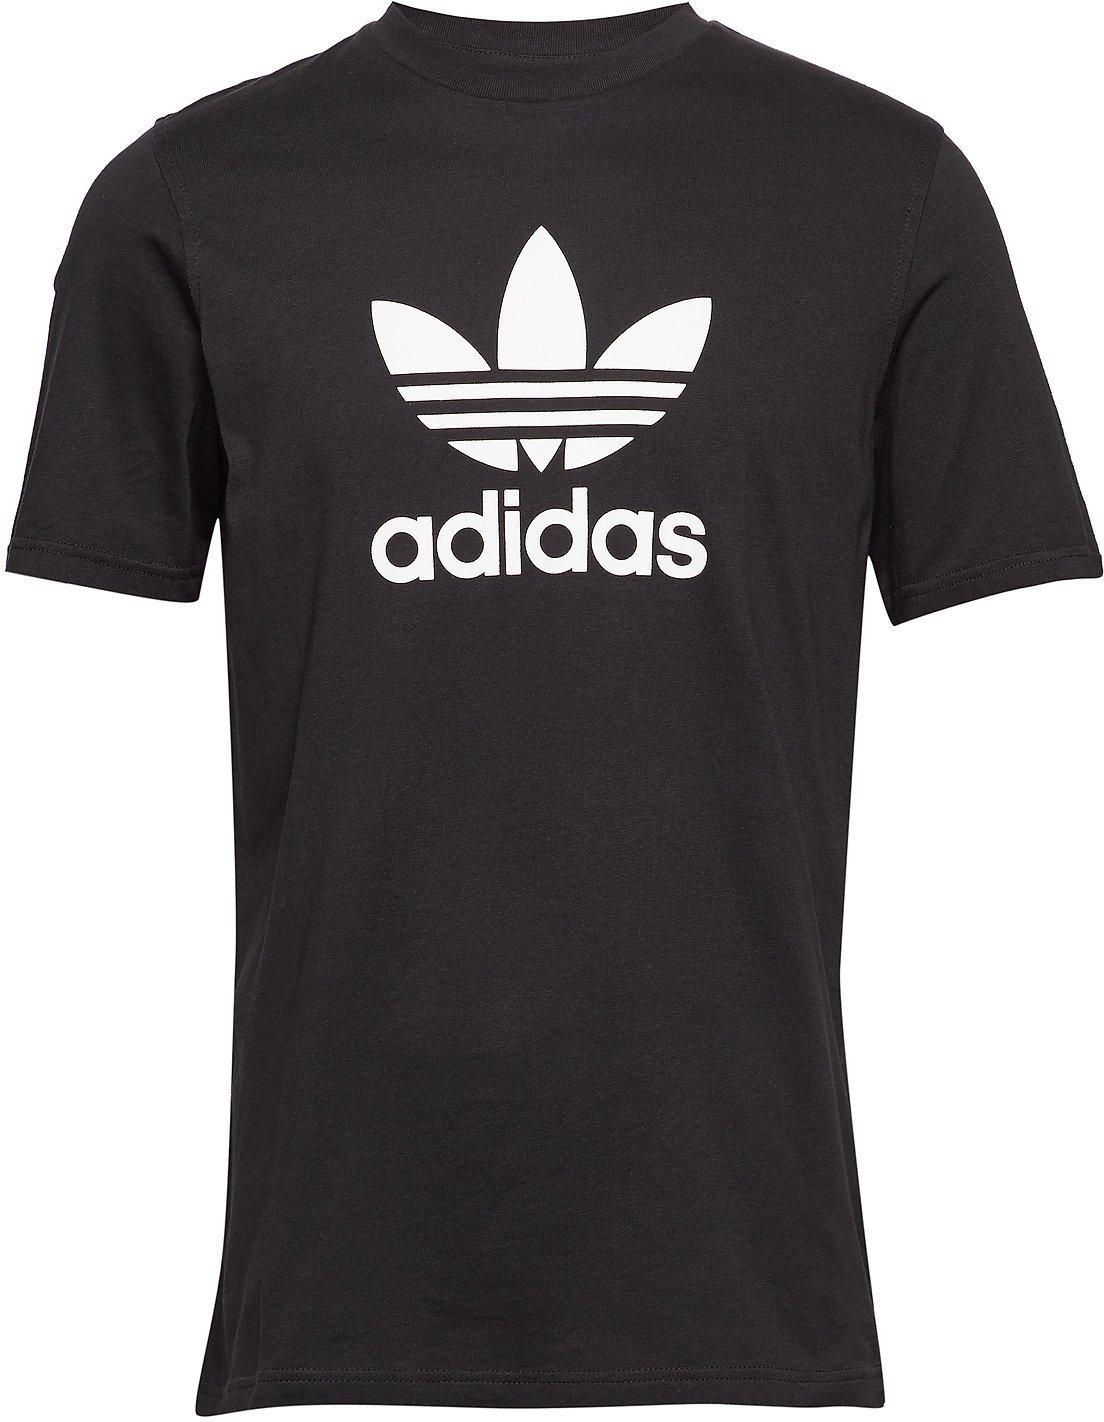 Adidas Originals Trefoil T shirt (Unisex)